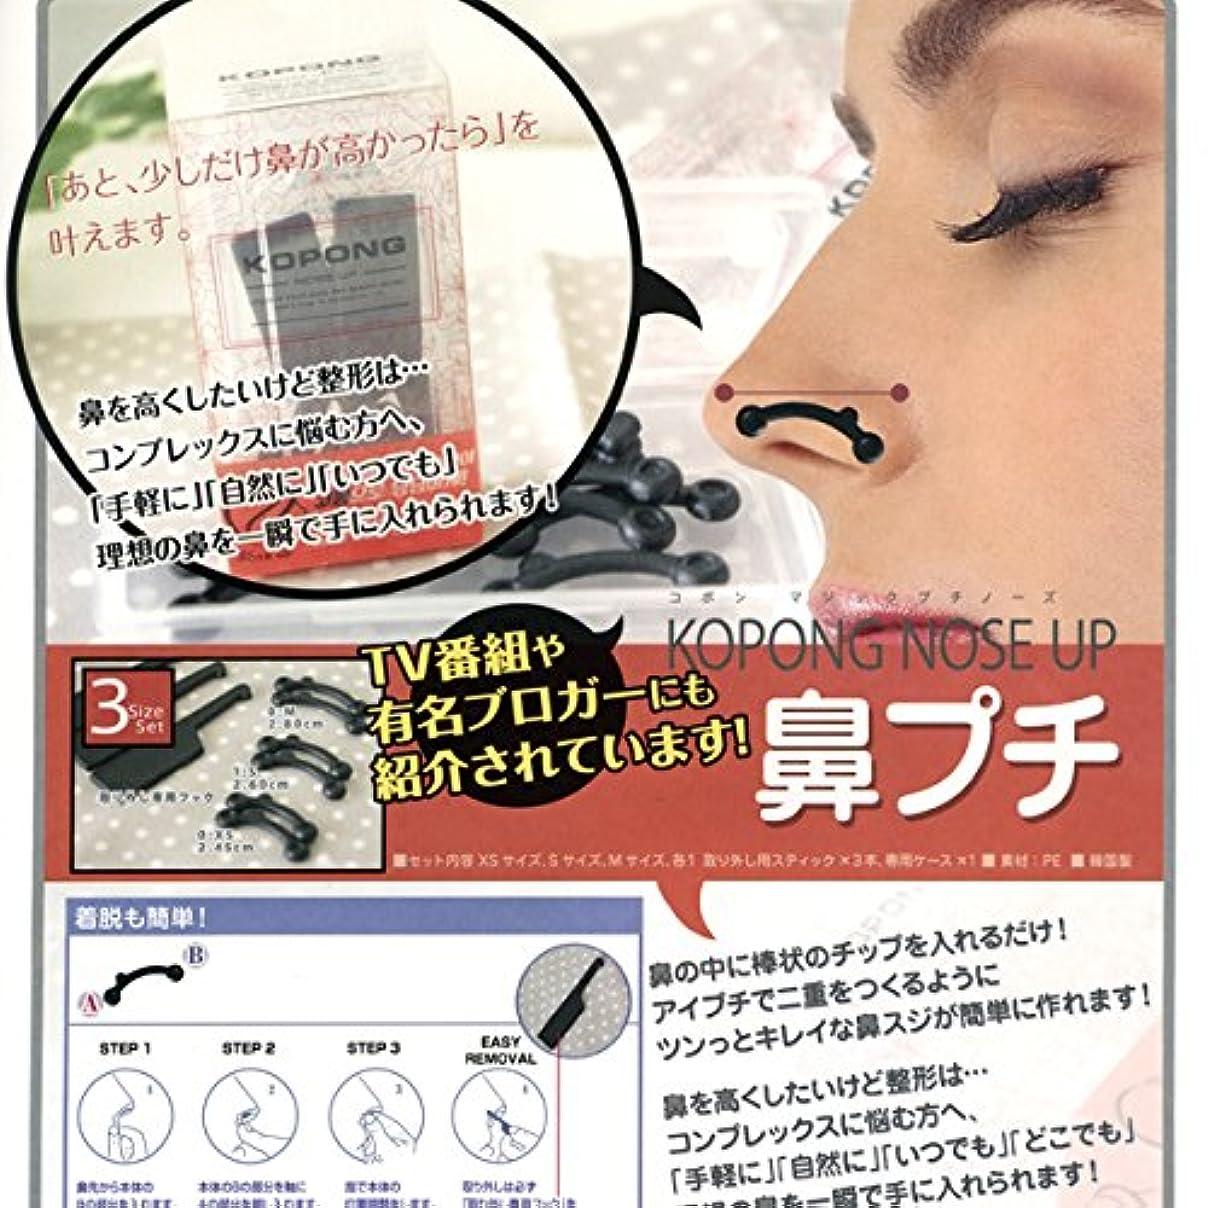 単位トレイル味わうコポン コポン マジックノーズ 鼻プチ(3サイズ入)